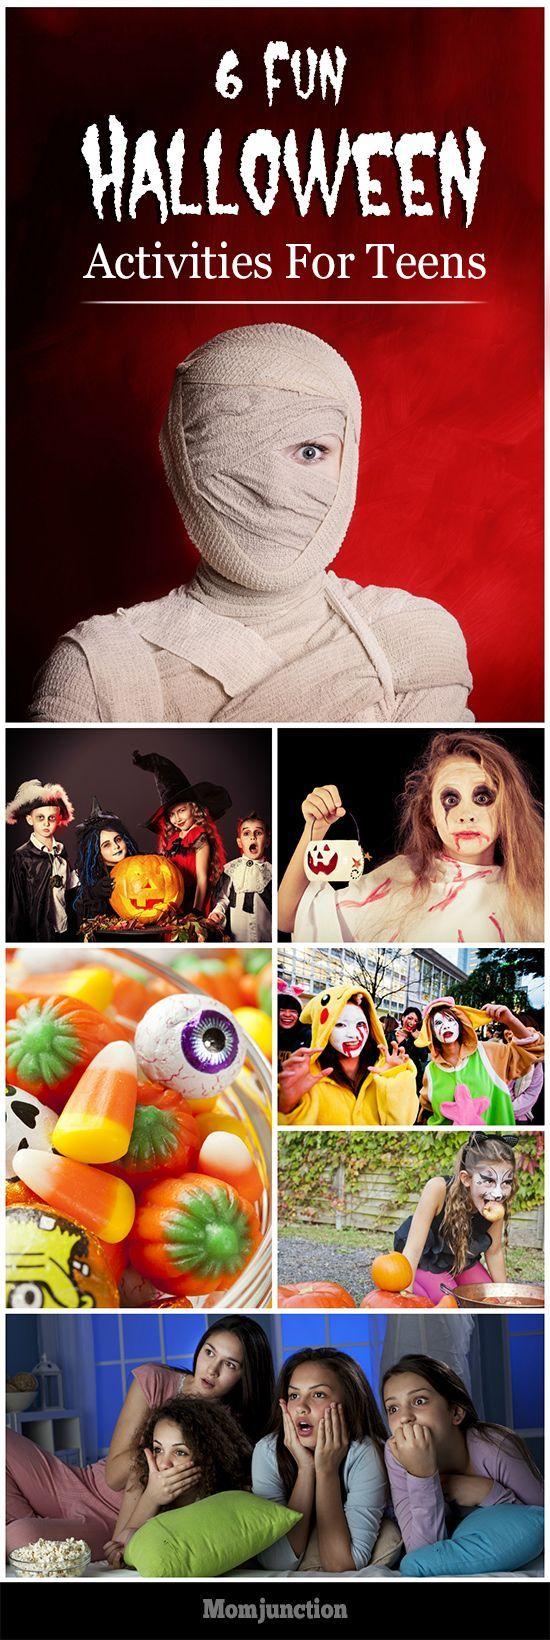 17 best ideas about Teen Halloween Party on Pinterest | Halloween ...